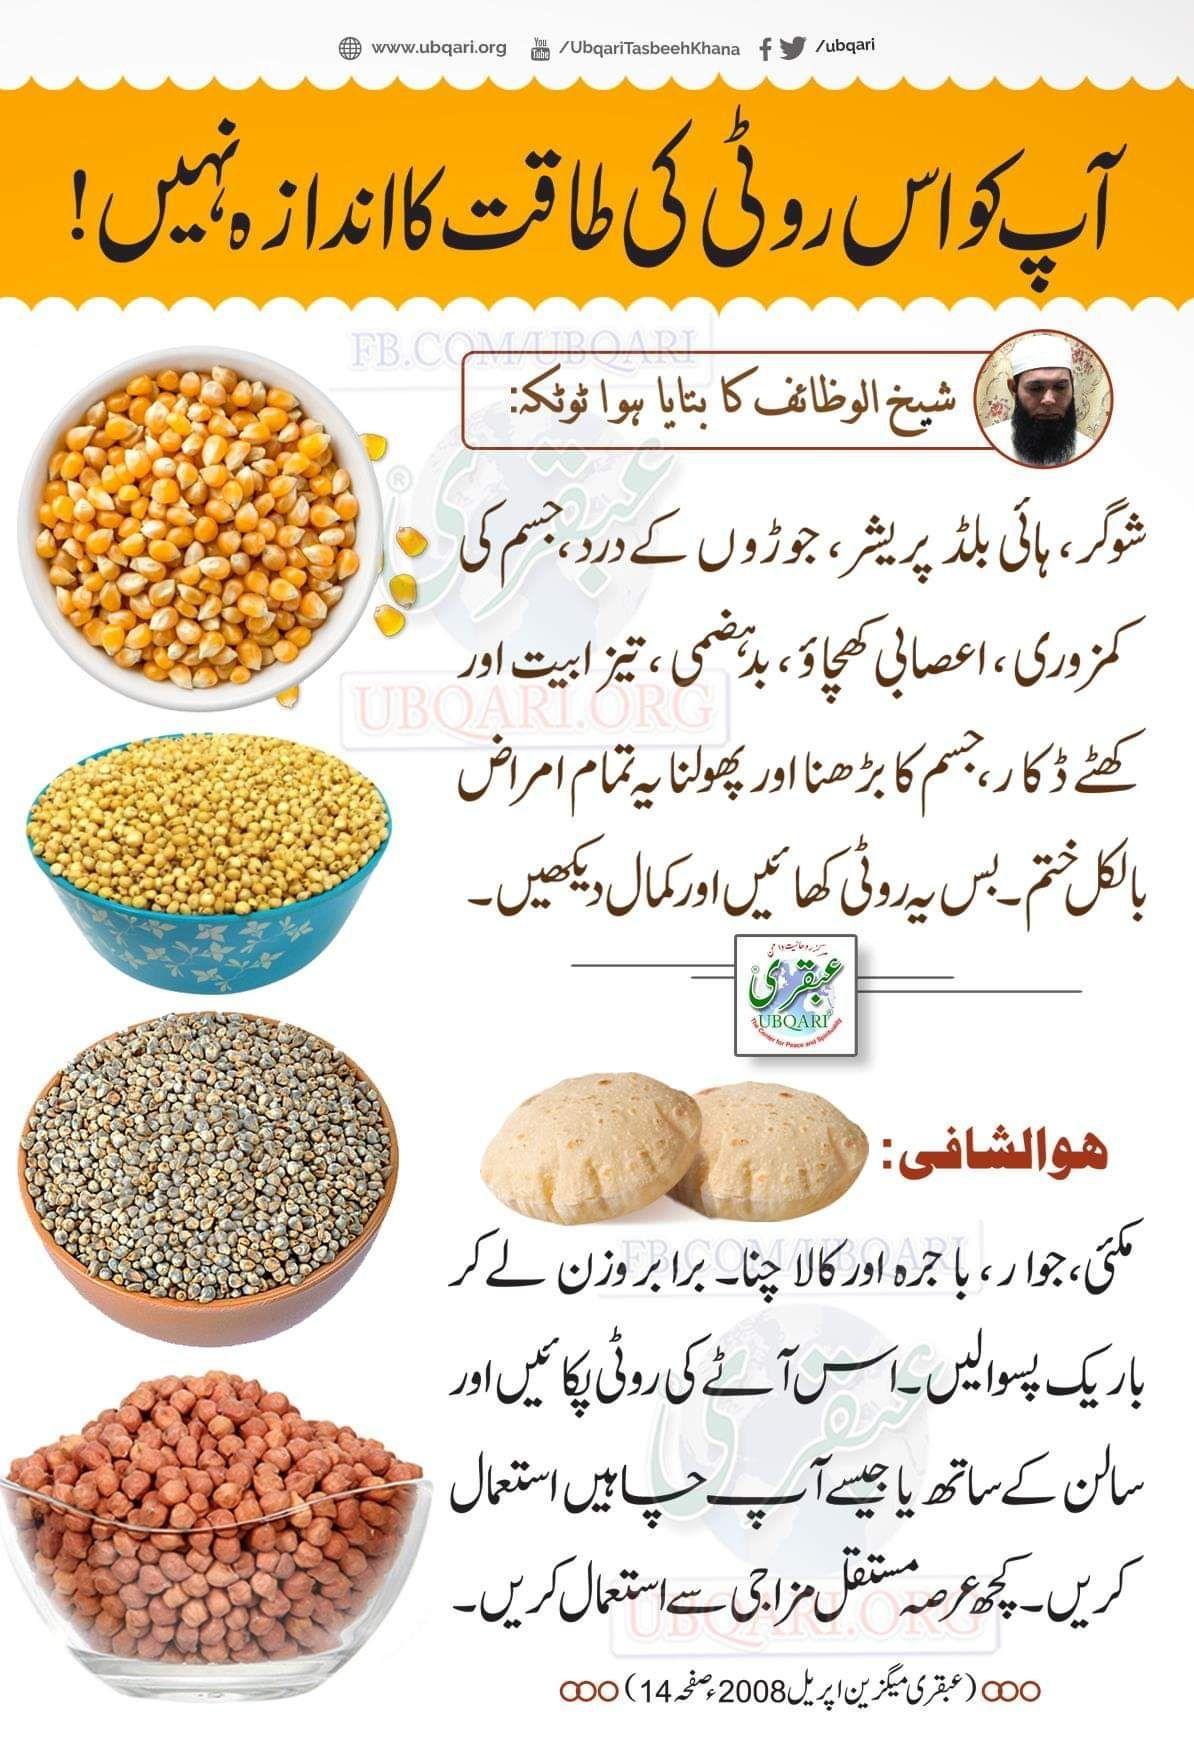 ubqari fogyás tippek